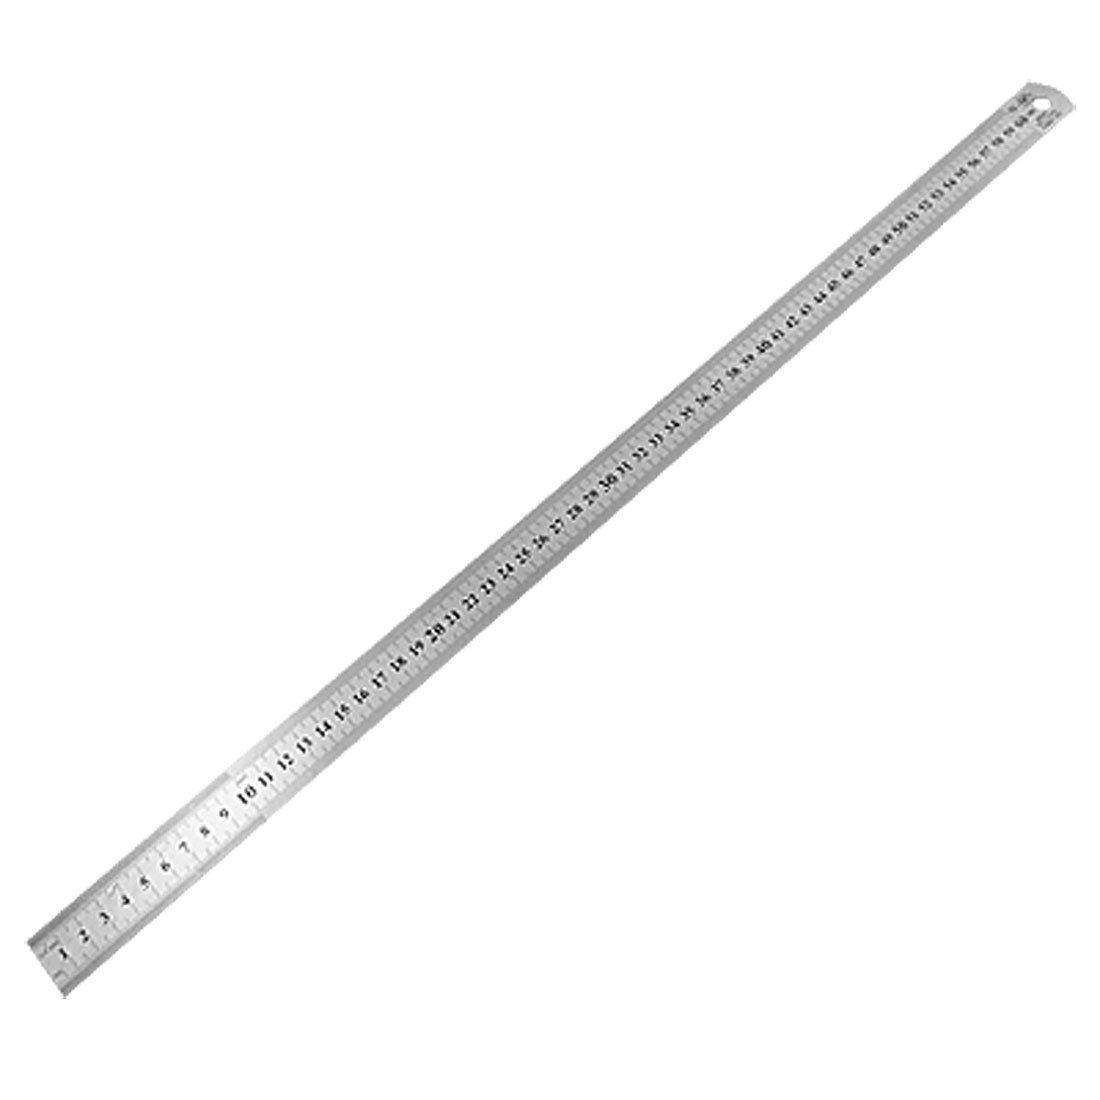 Affordable 60 cm Metallo Inossidabile di Misura Etero Righello